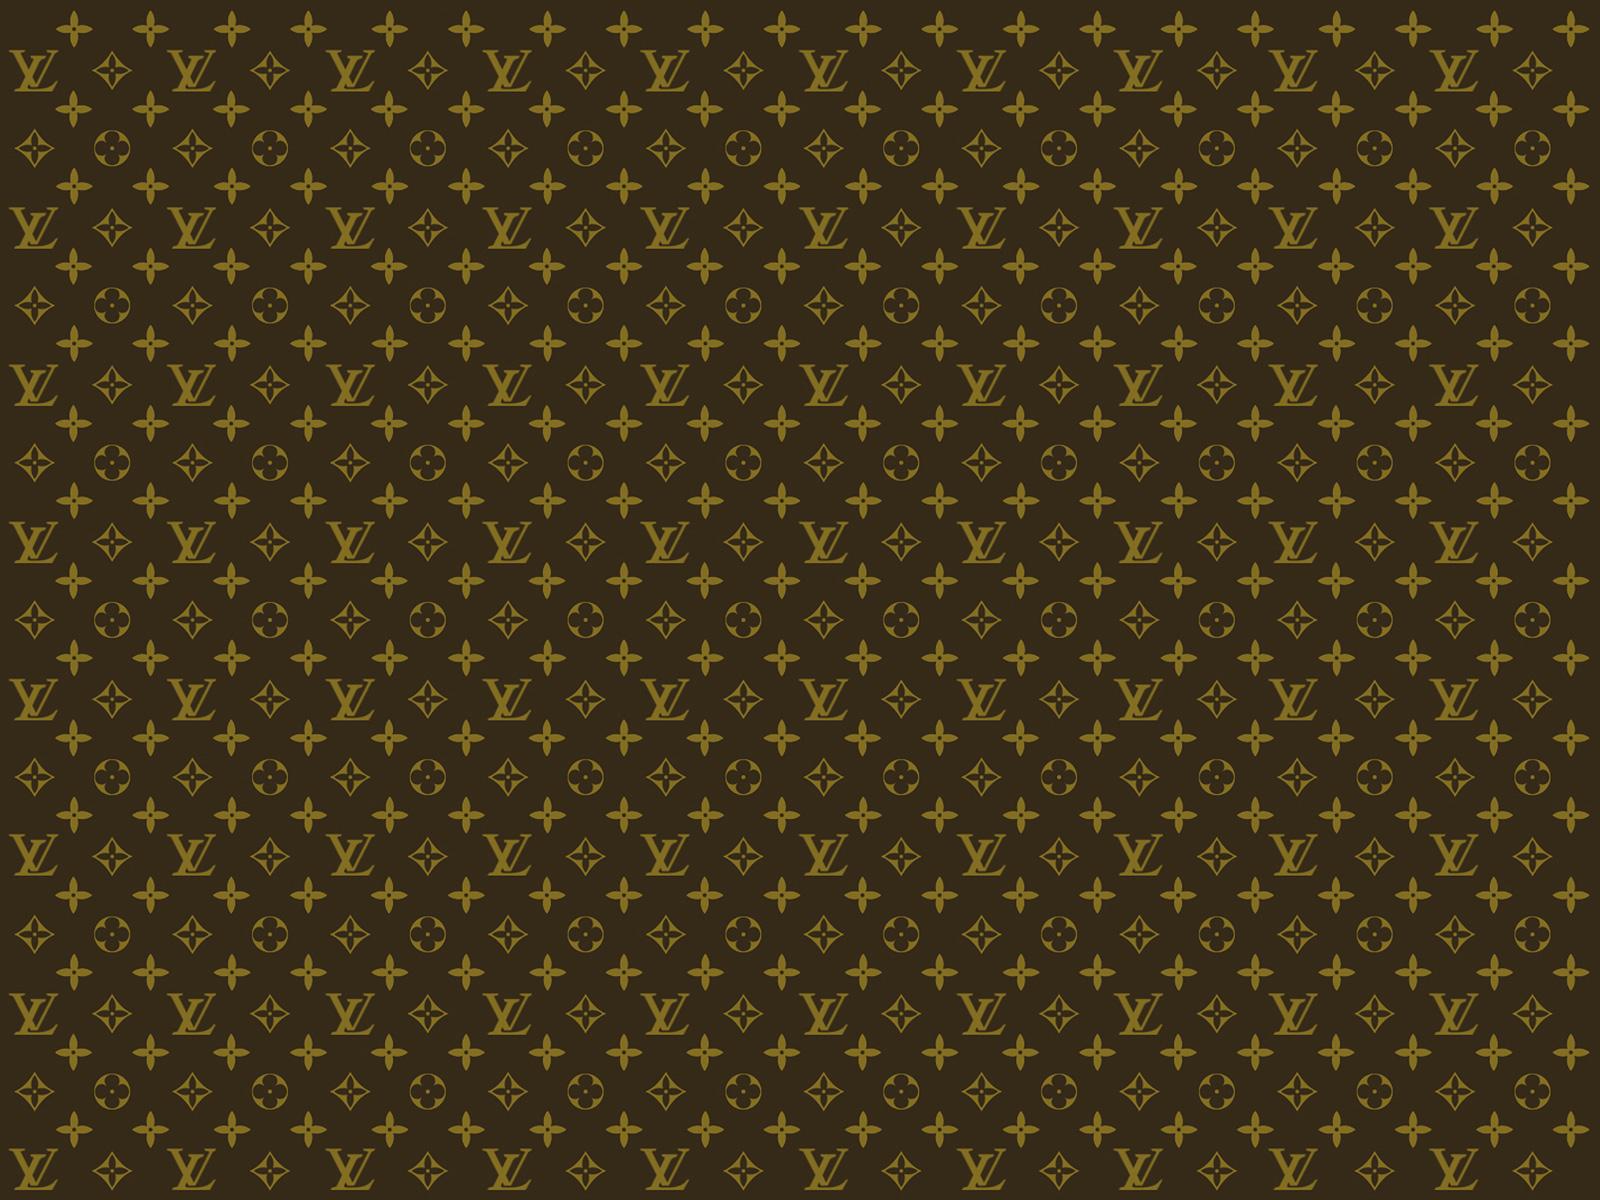 http://2.bp.blogspot.com/-r7OuJRPNx1k/Tti65VesF7I/AAAAAAAABAM/zbIh4eXYMTw/s1600/Louis_Vuitton_LV_Classic_Ipad2_wallpaper.jpg